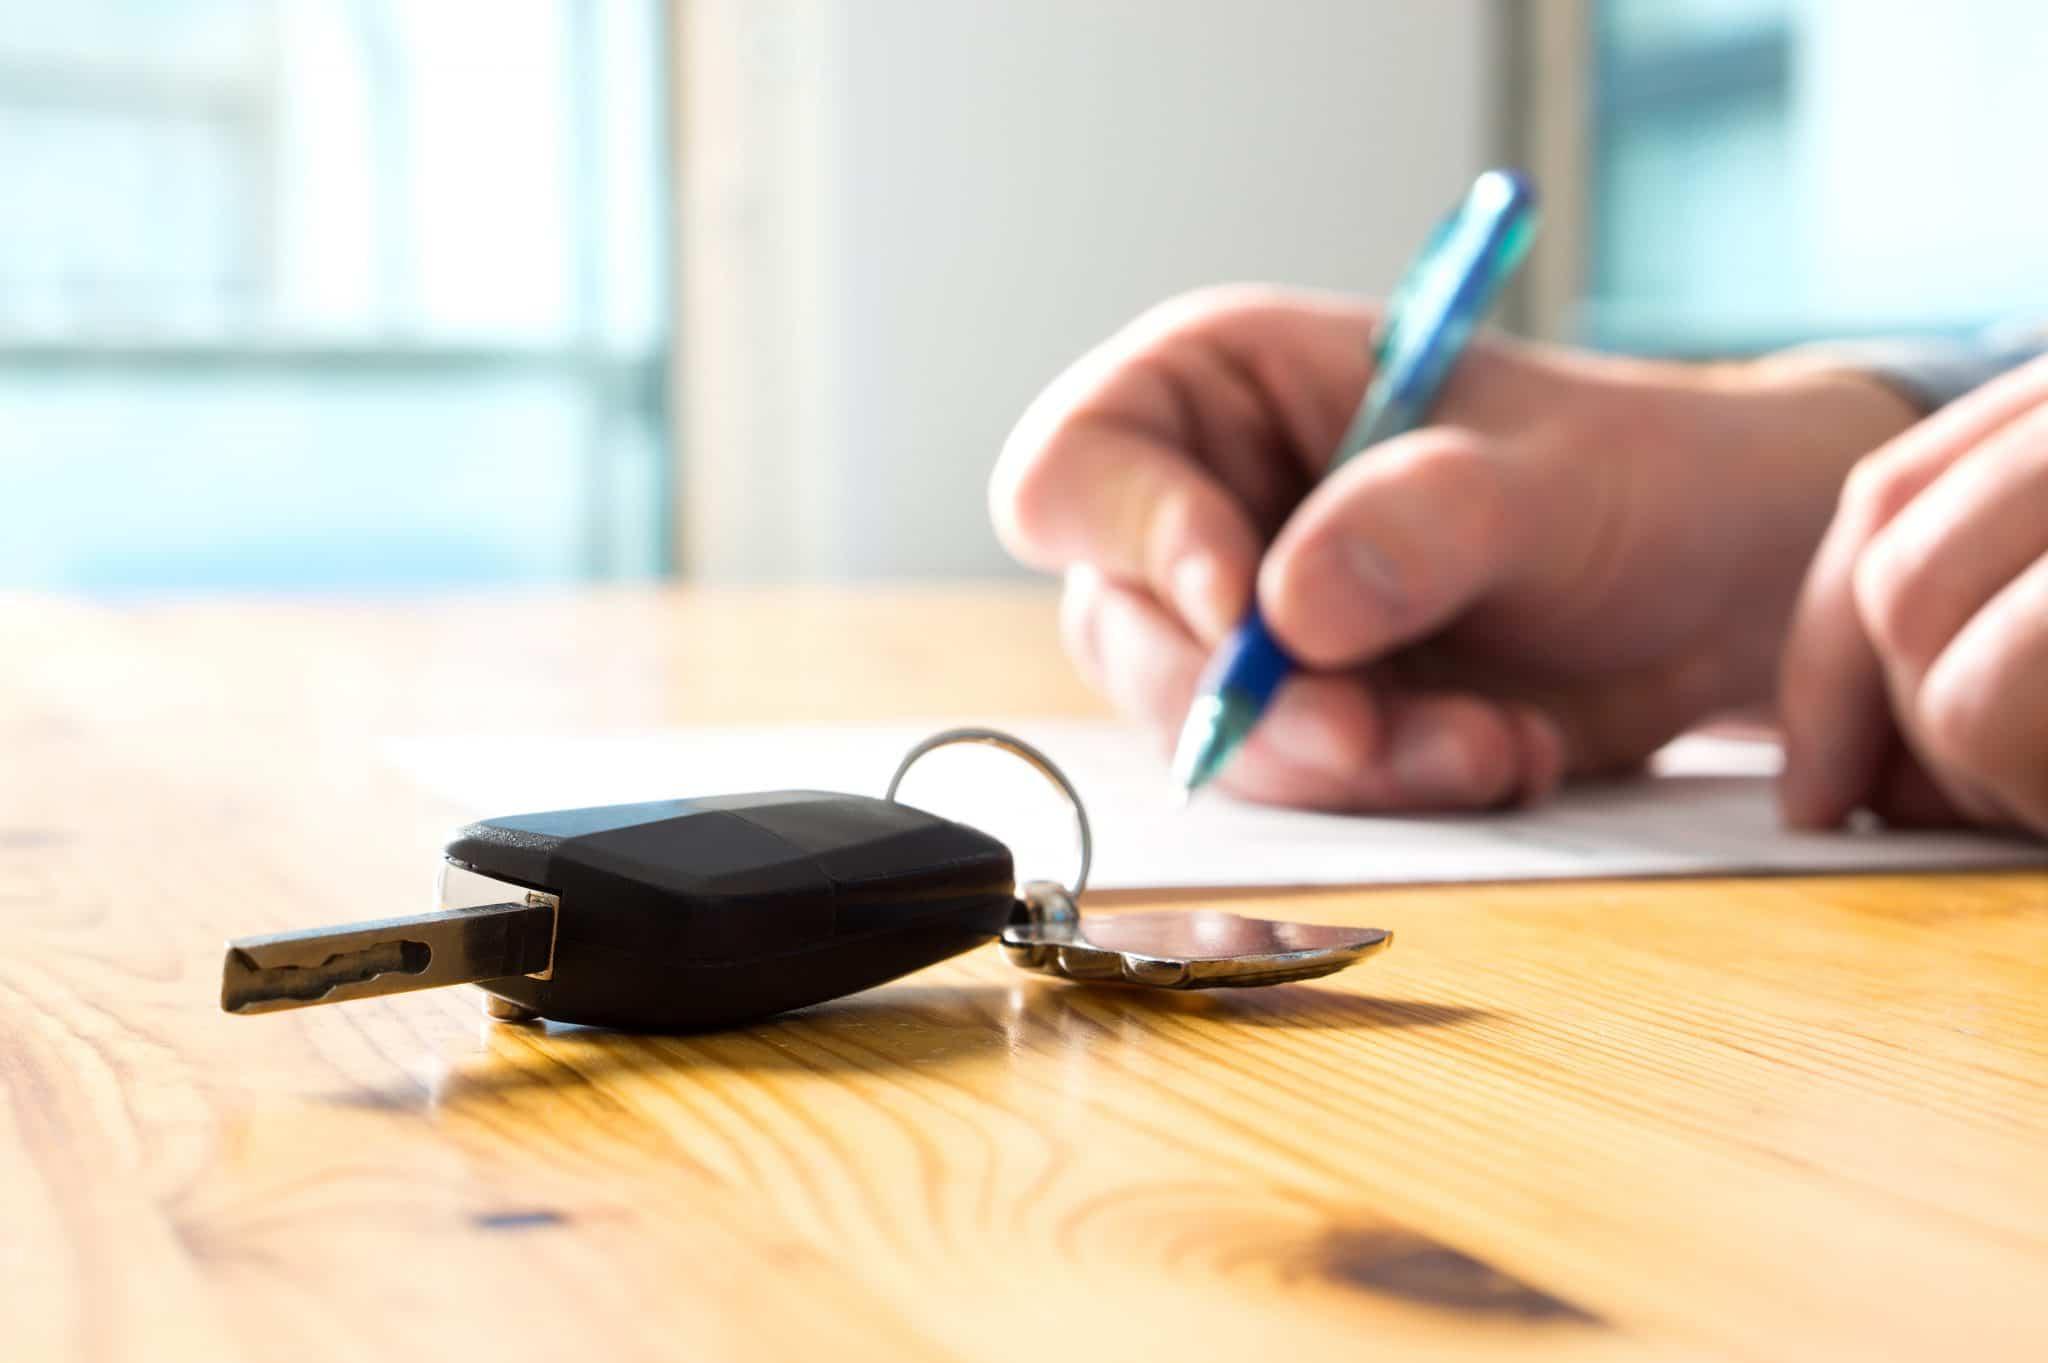 Le leasing auto : avantages et inconvénients